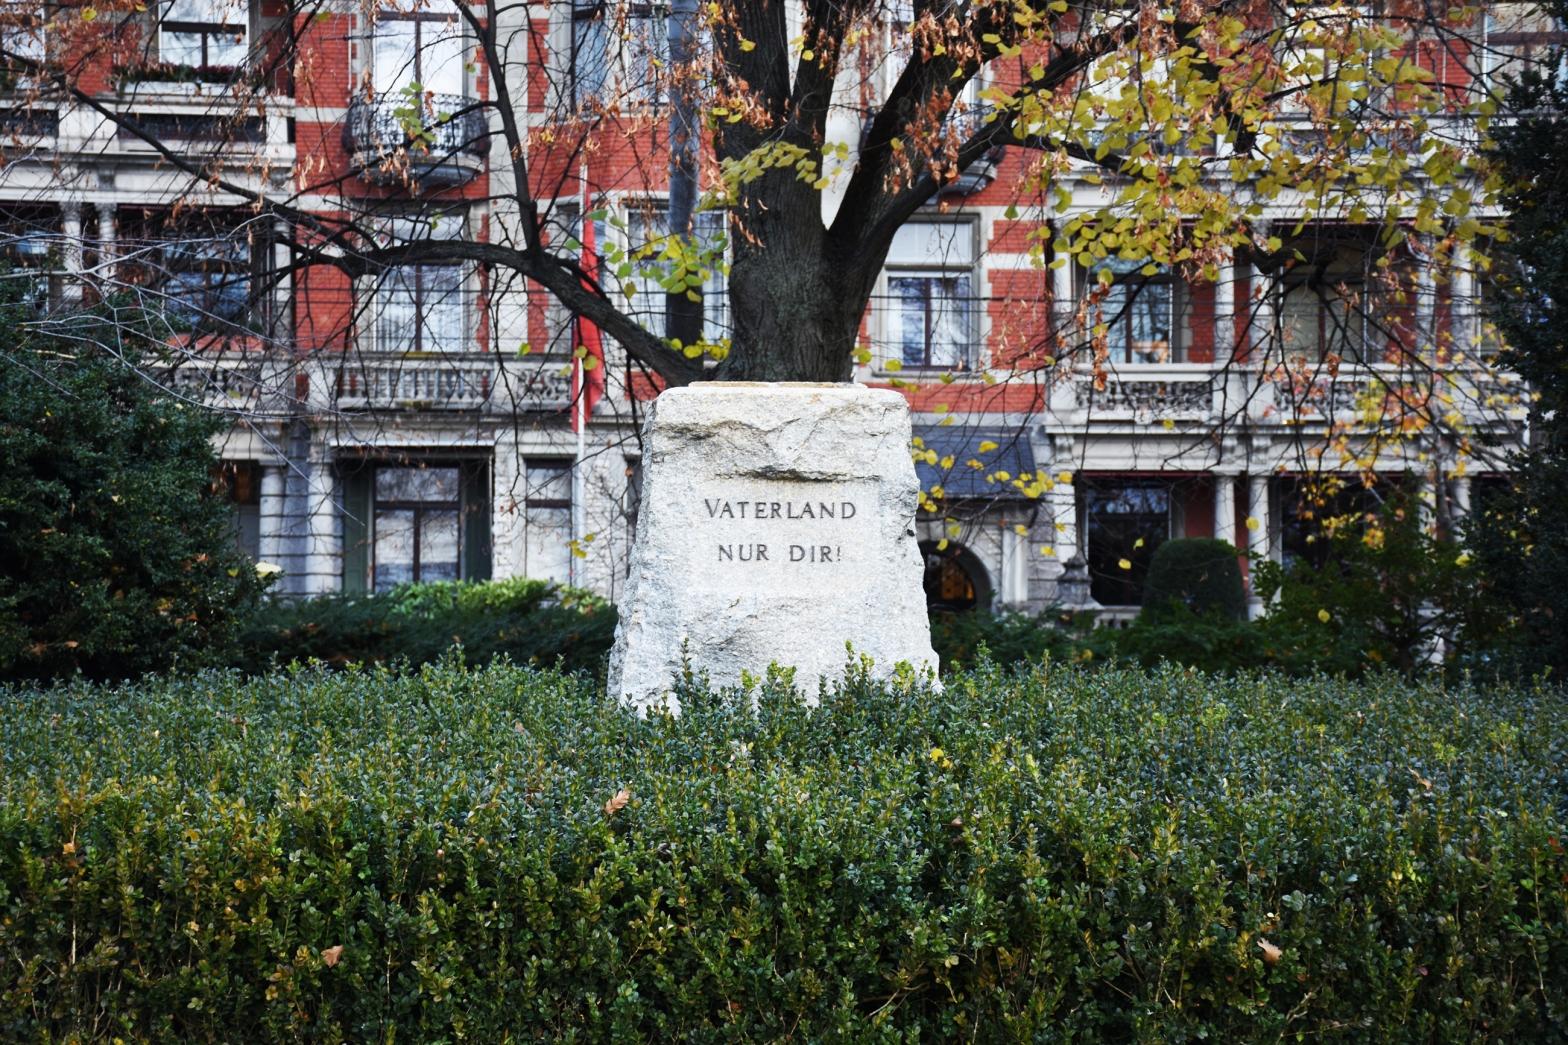 Ein Sockel ohne Denkmal, der im Arboretum am General-Guisan-Quai steht. Er trägt die Aufschrift «Vaterland, nur Dir!».